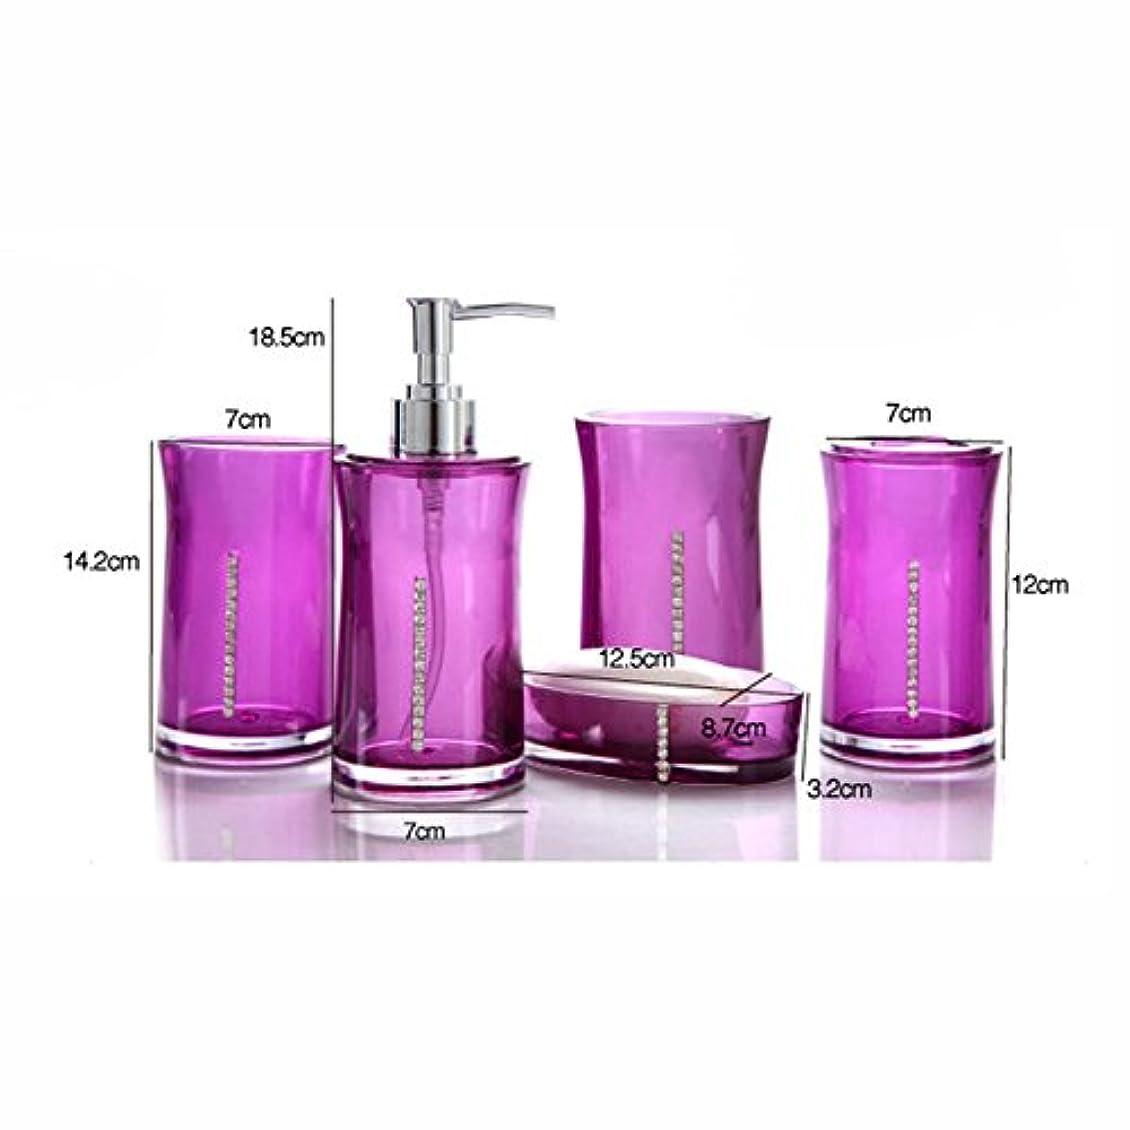 自発的墓ゆりかごxlp シャワージェルアクリルボトル、キッチンバス用シャンプー液体石鹸ディスペンサーボトル (紫)